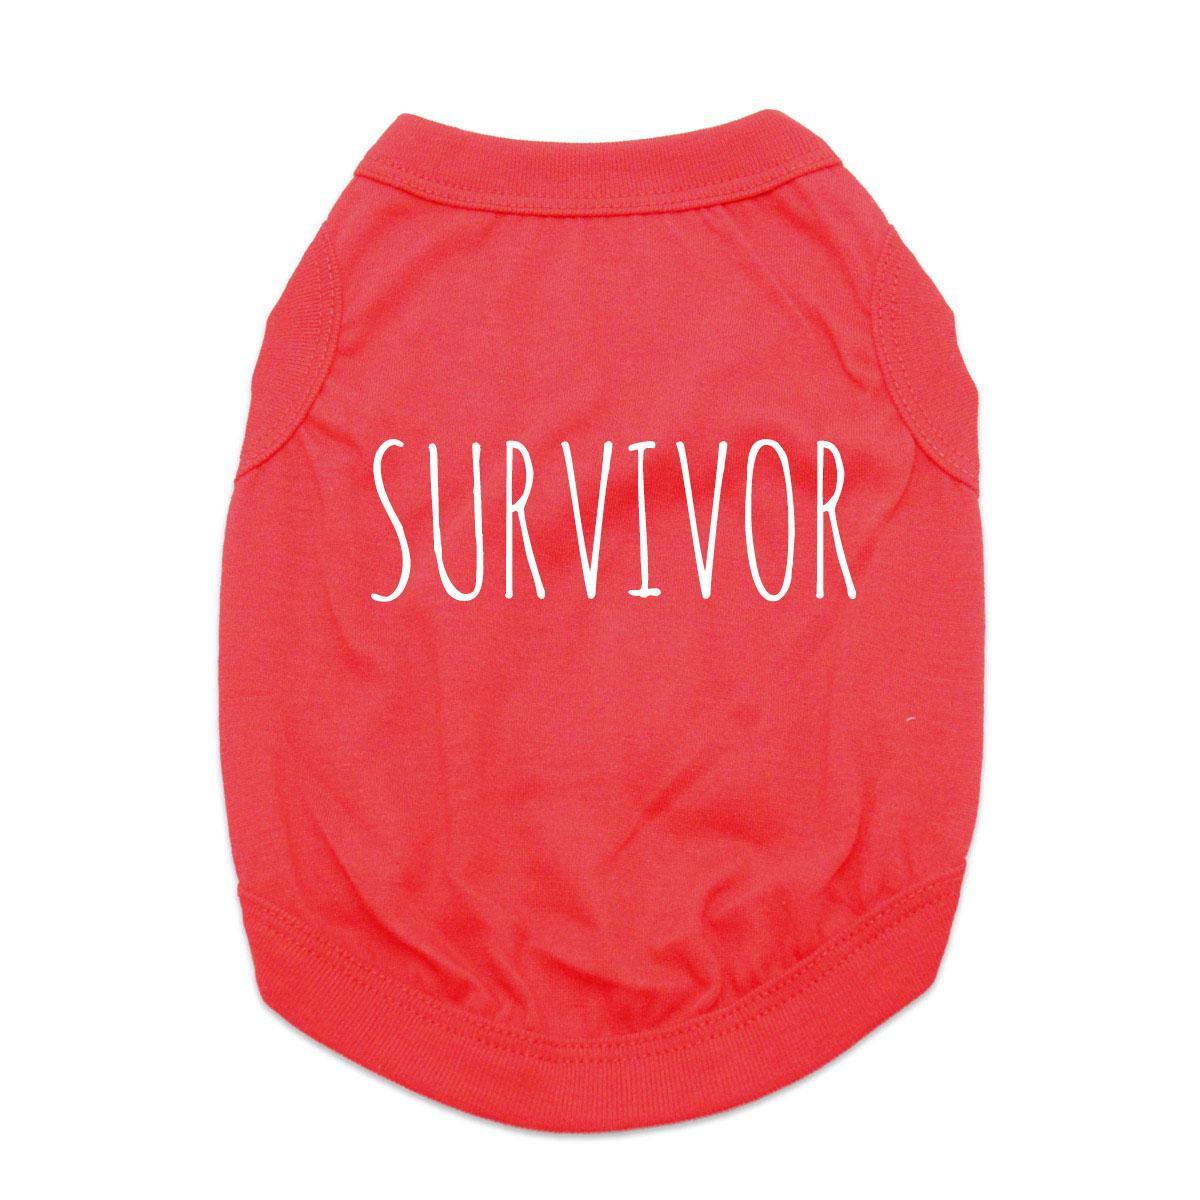 Survivor Dog Shirt - Red